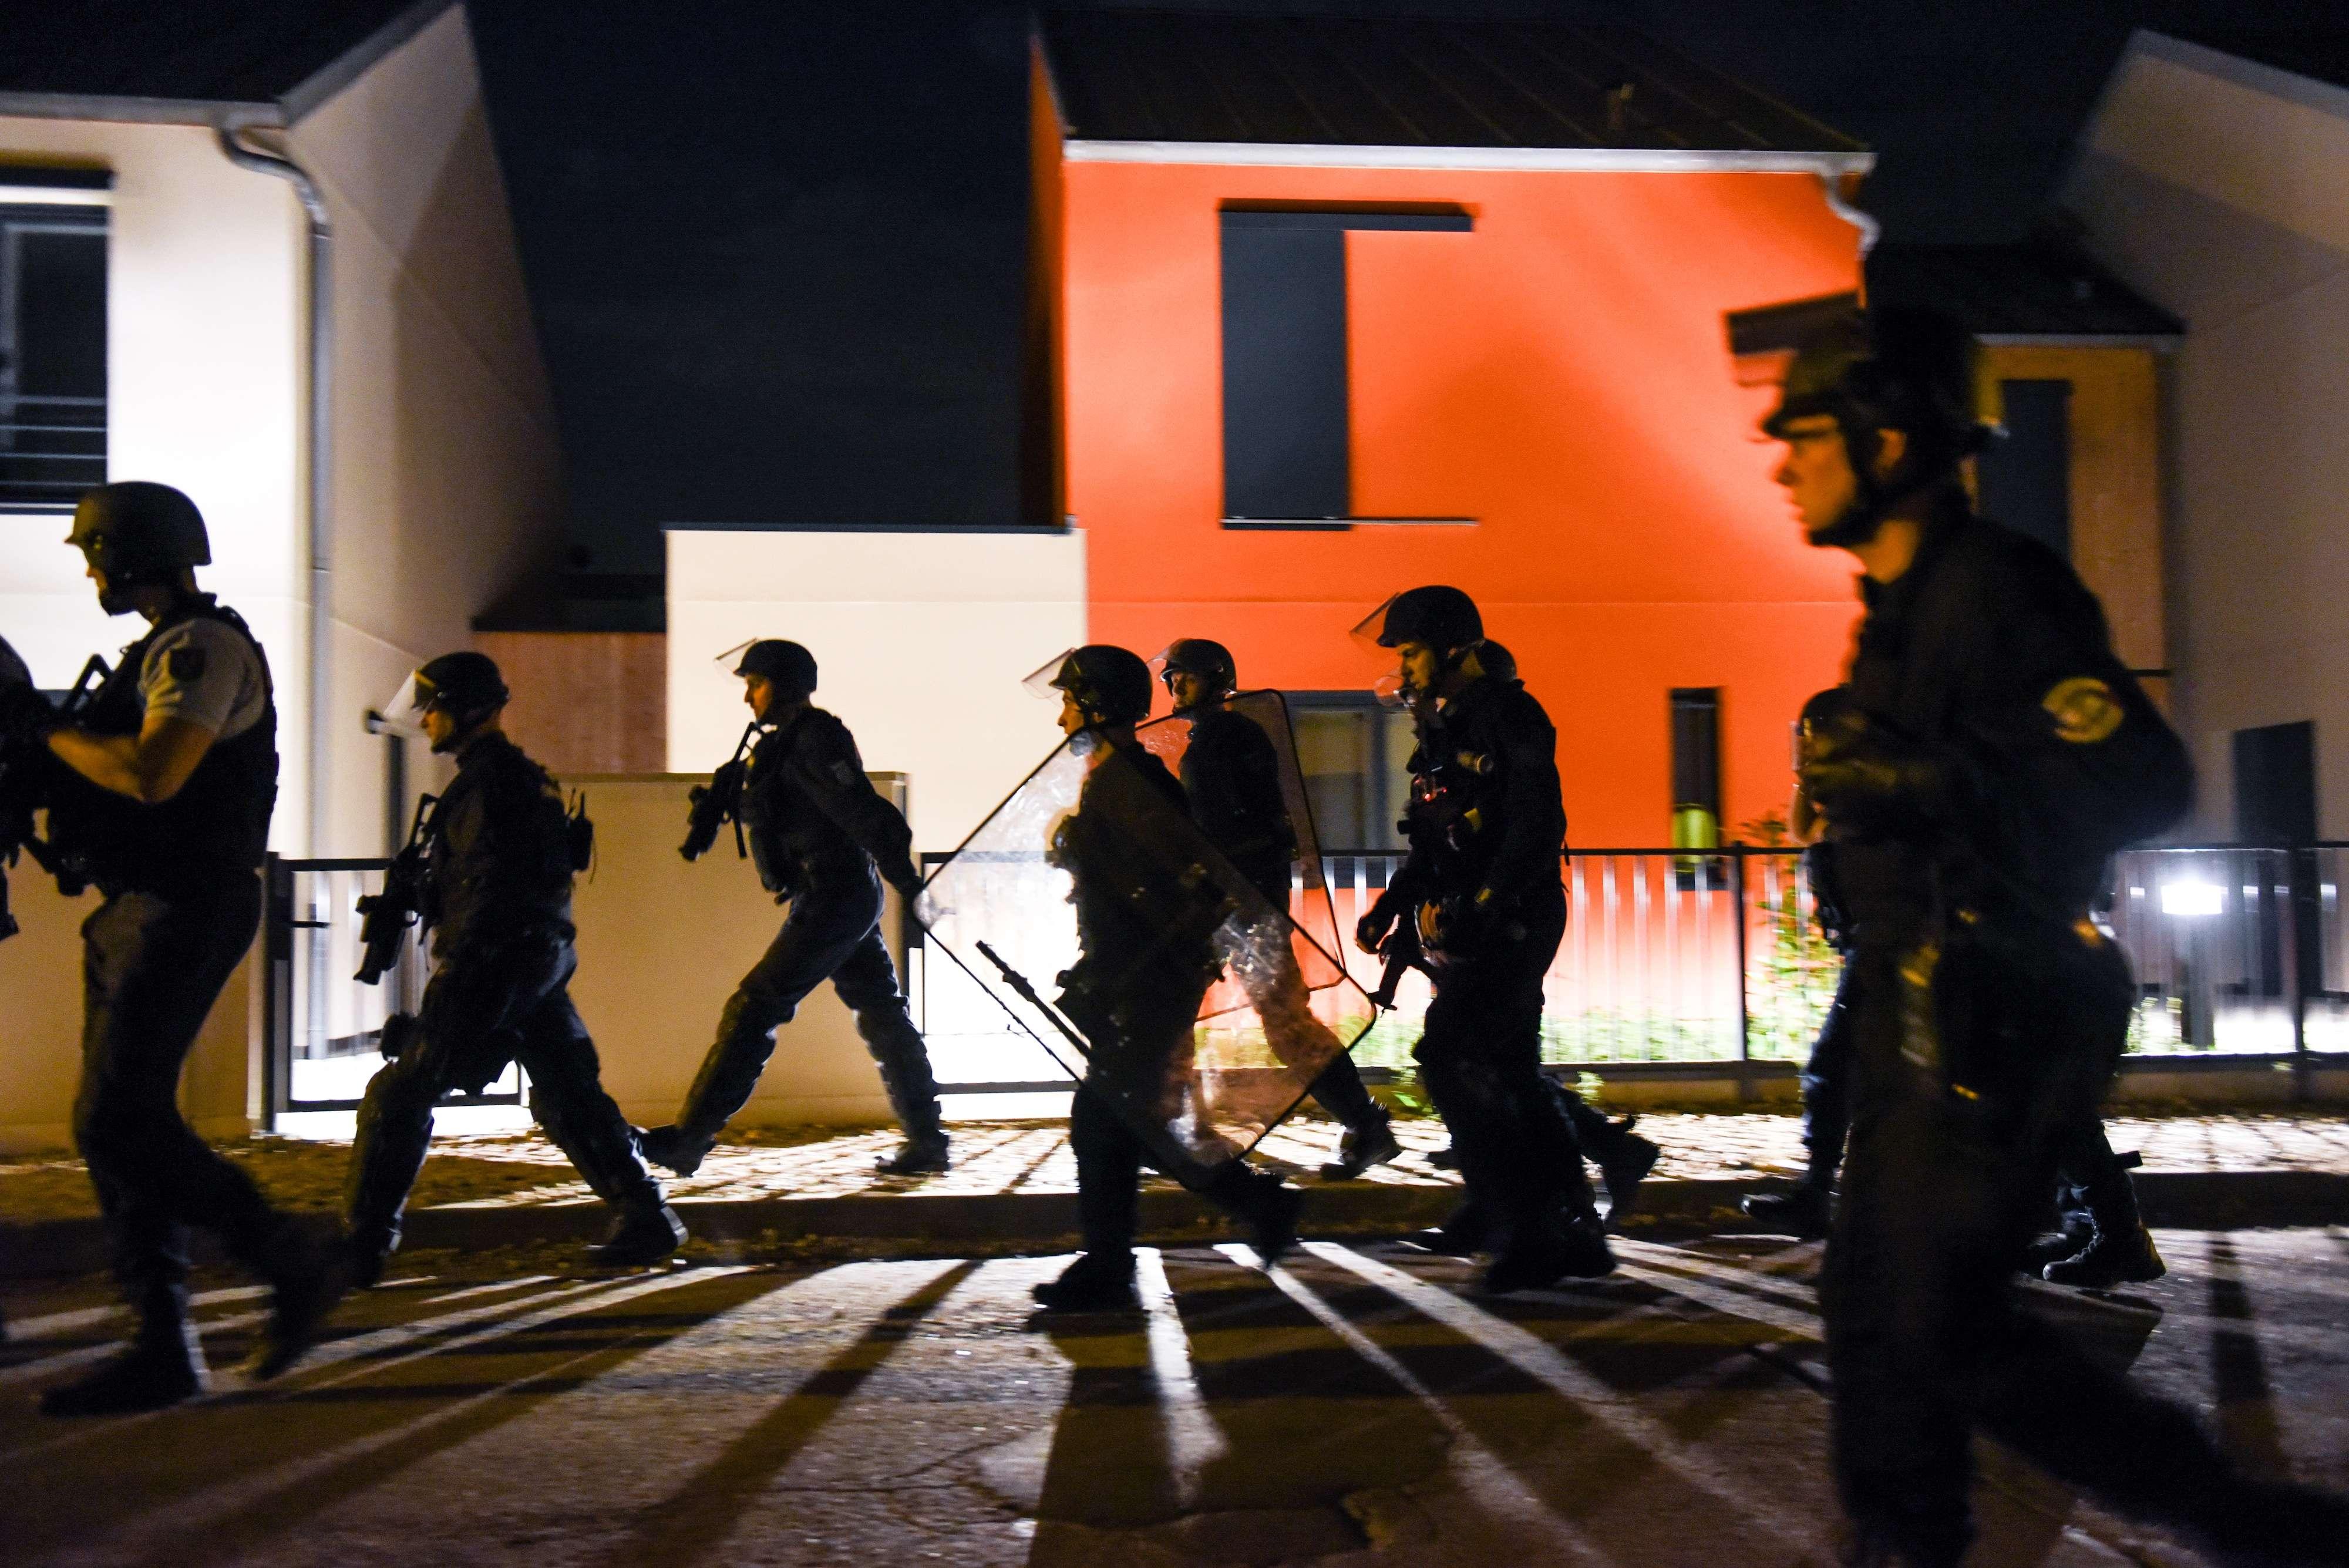 Dans la nuit de mercredi à jeudi, jeunes et policiers s'affrontent.